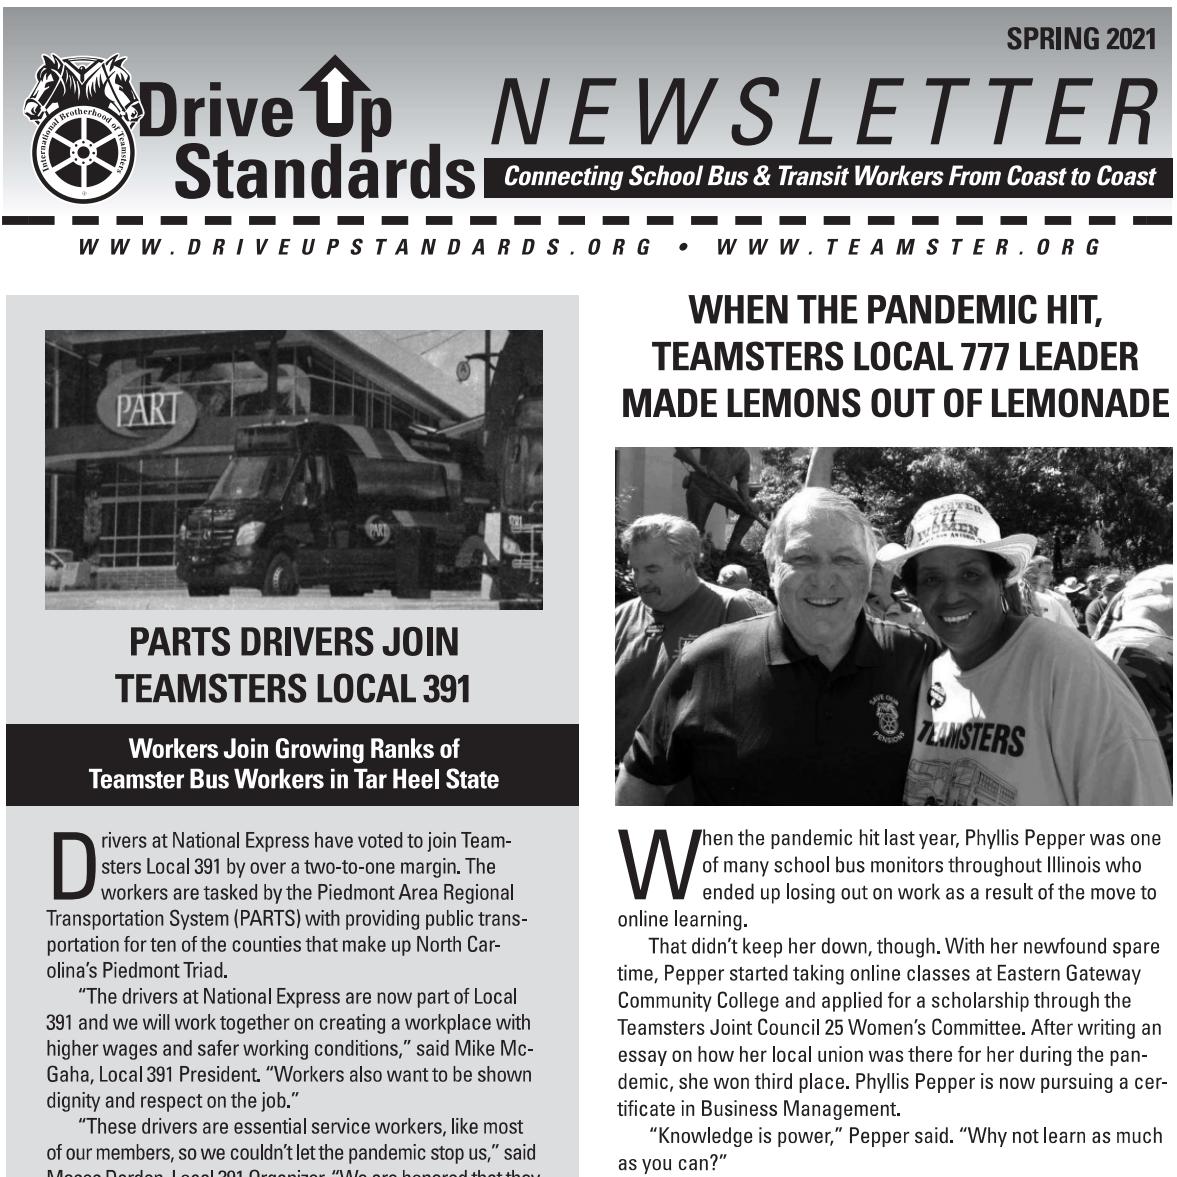 DUS Newsletter Spring 2021 Thumbnail